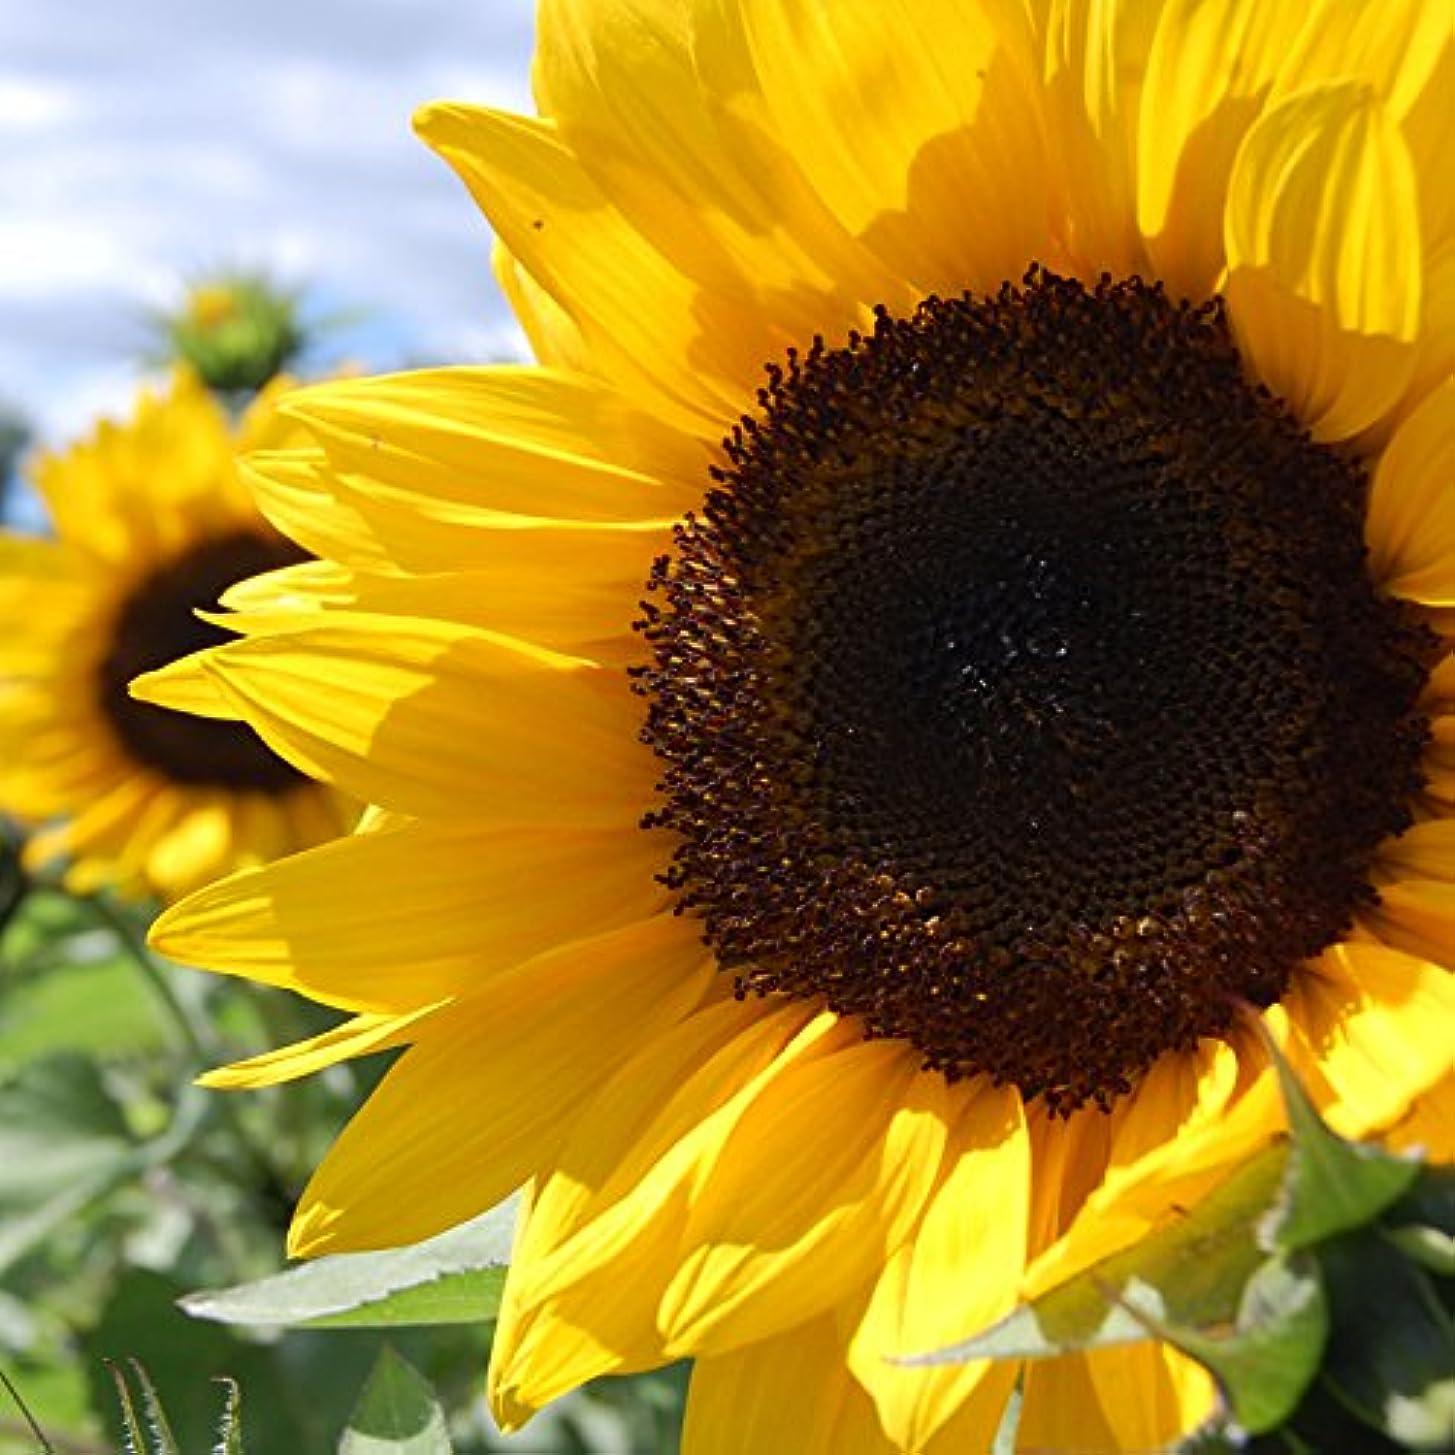 頭蓋骨ポーターマルクス主義アロマフレグランスオイル ひまわり(Sunflower)